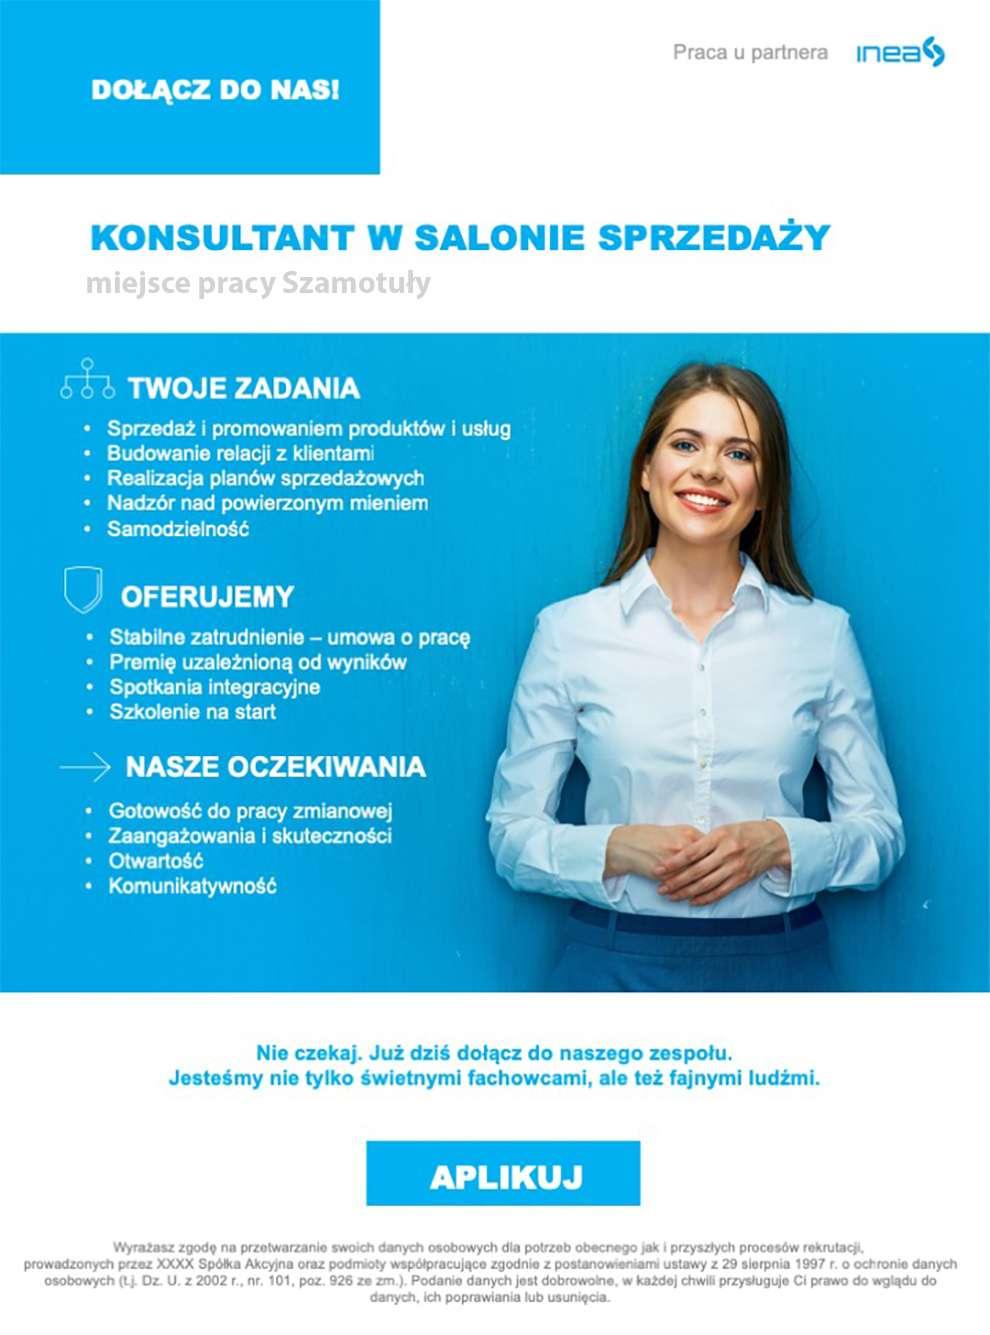 Praca dla konsultanta wSalonie Sprzedaży INEA